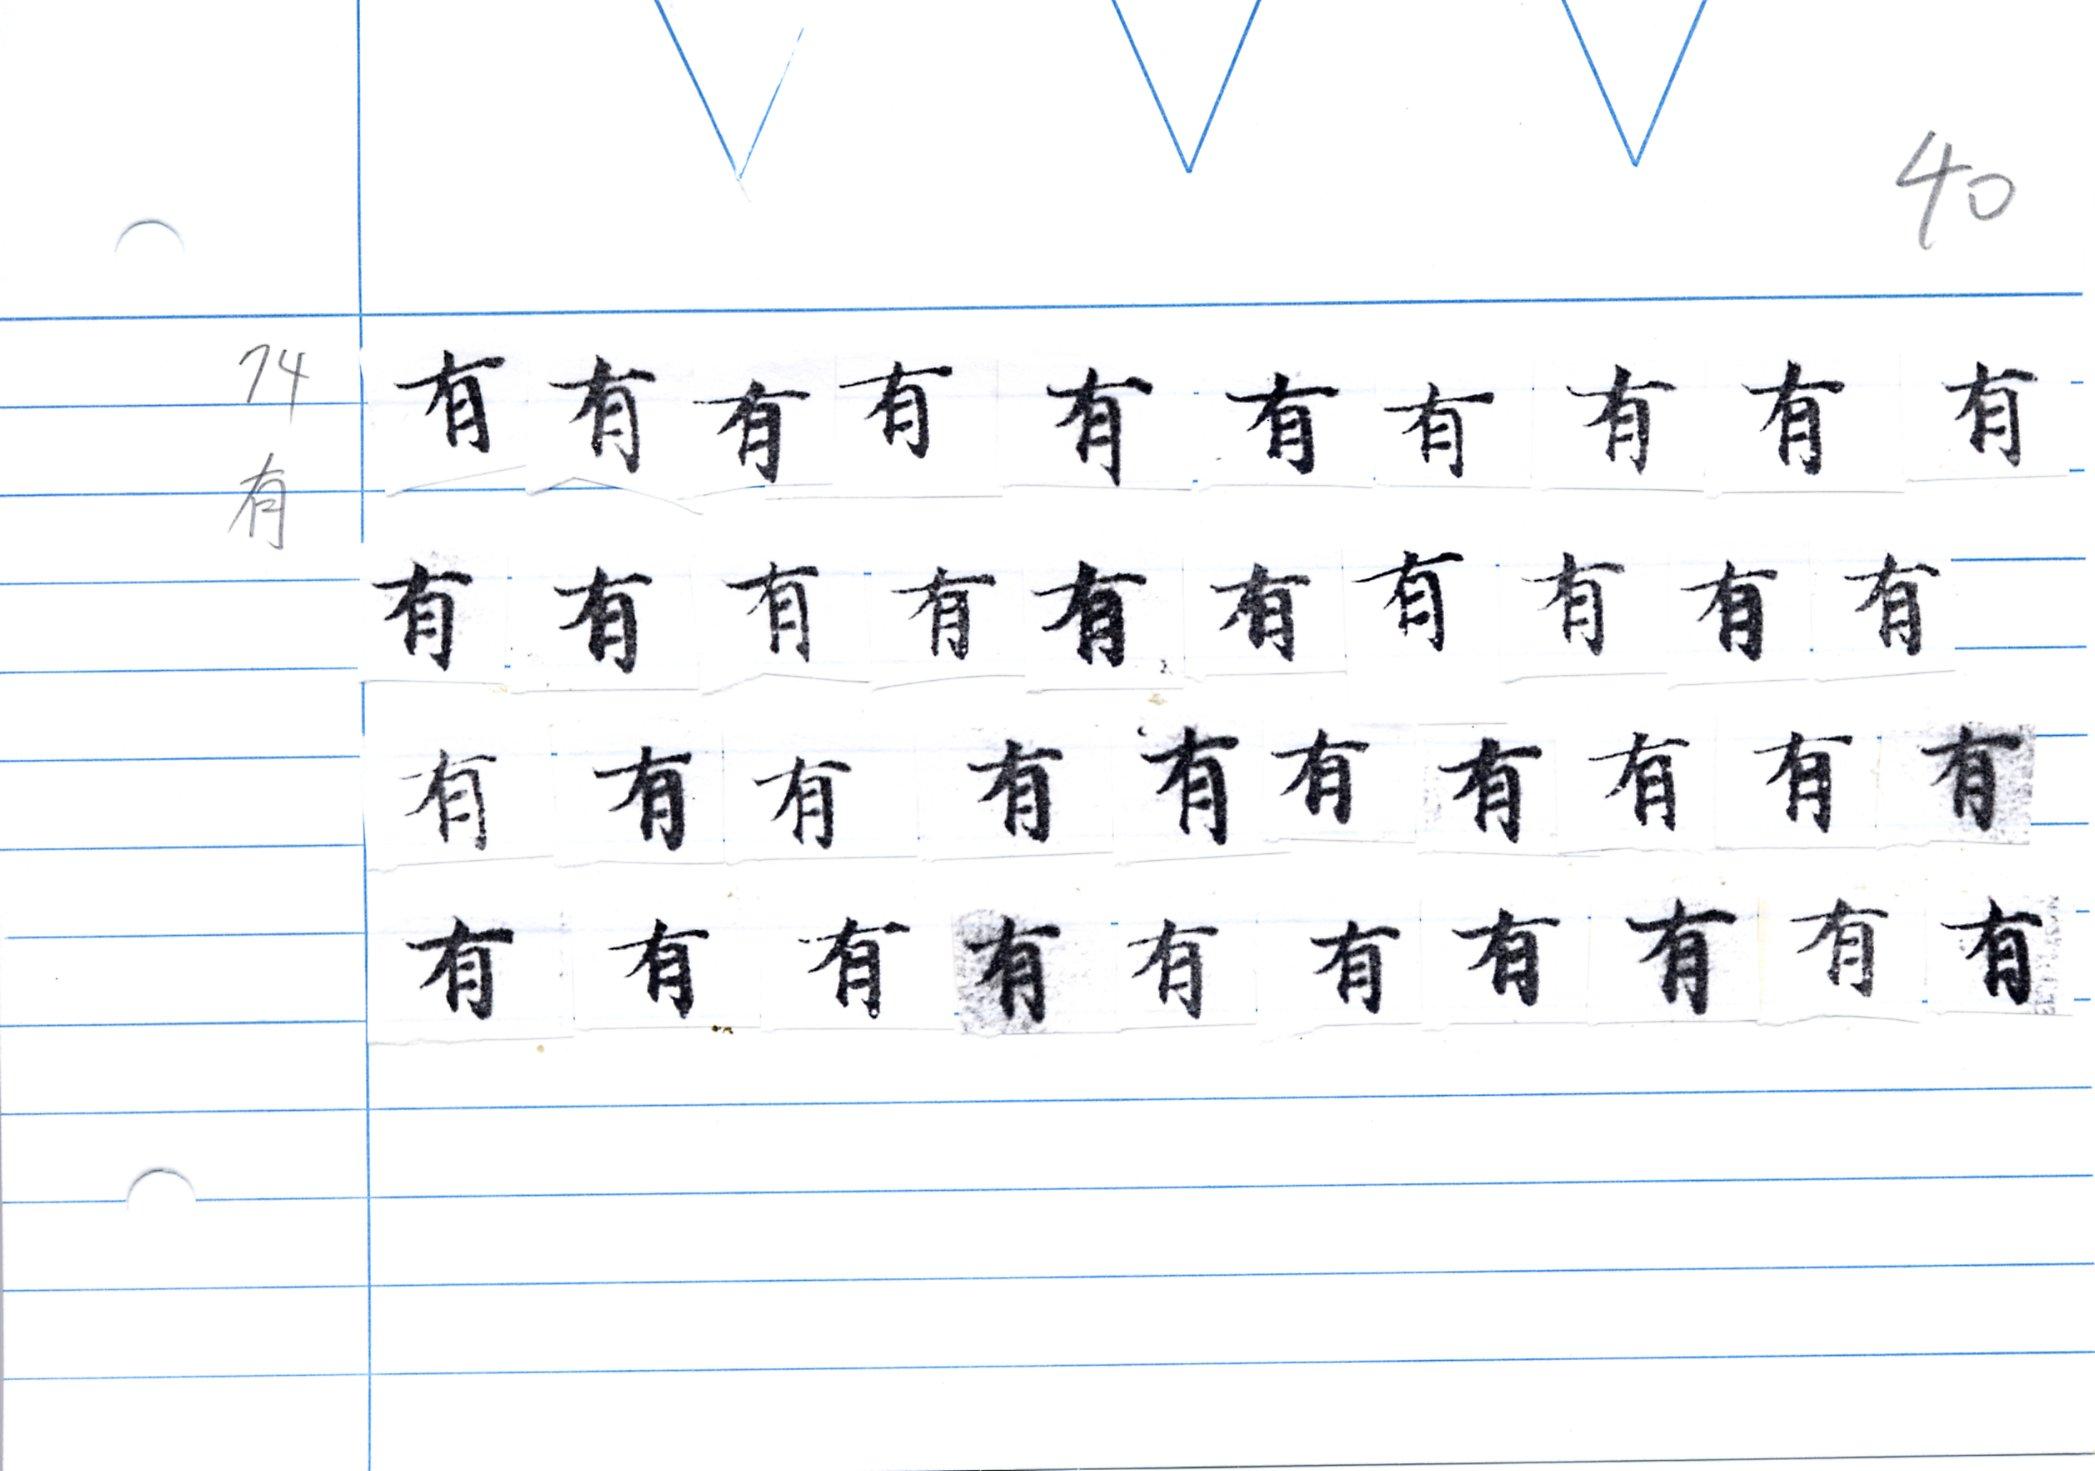 54_大般若經卷二百五十(和銅經)/cards/0122.JPG